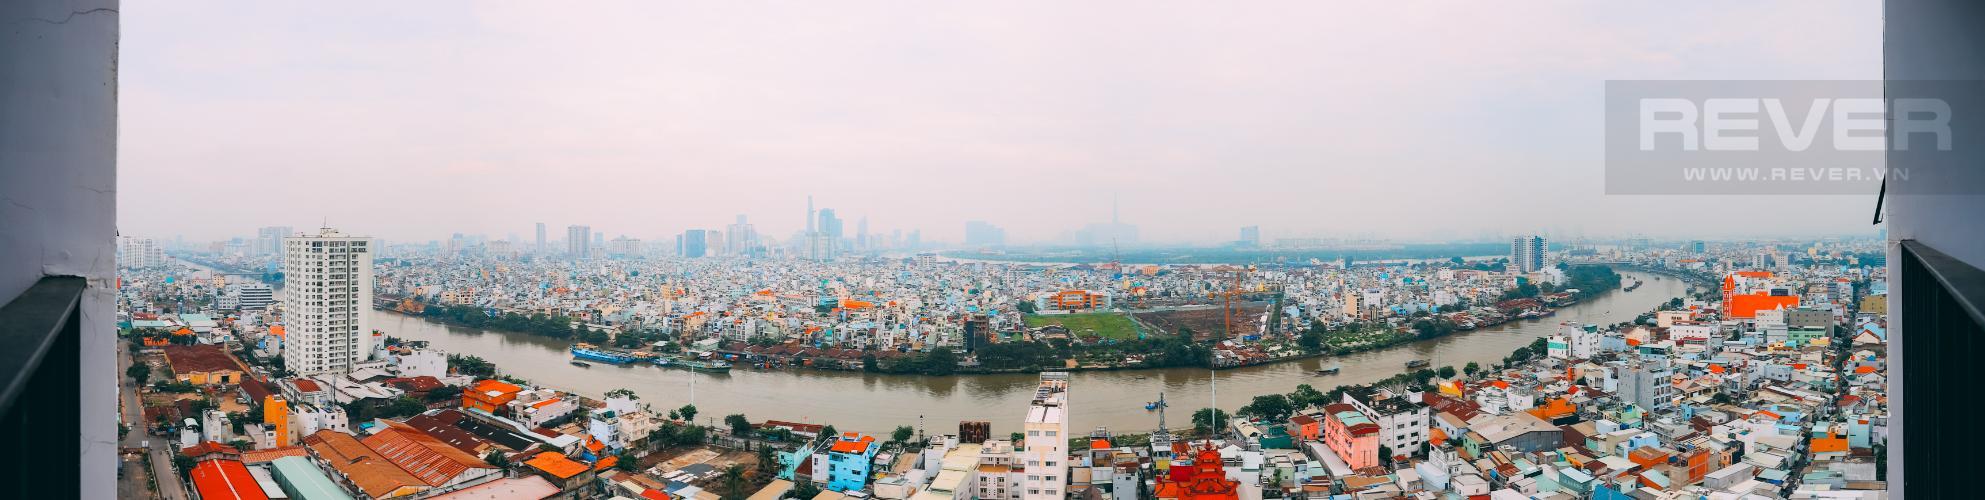 View Bán căn hộ M-One Nam Sài Gòn tầng cao, 2PN view sông